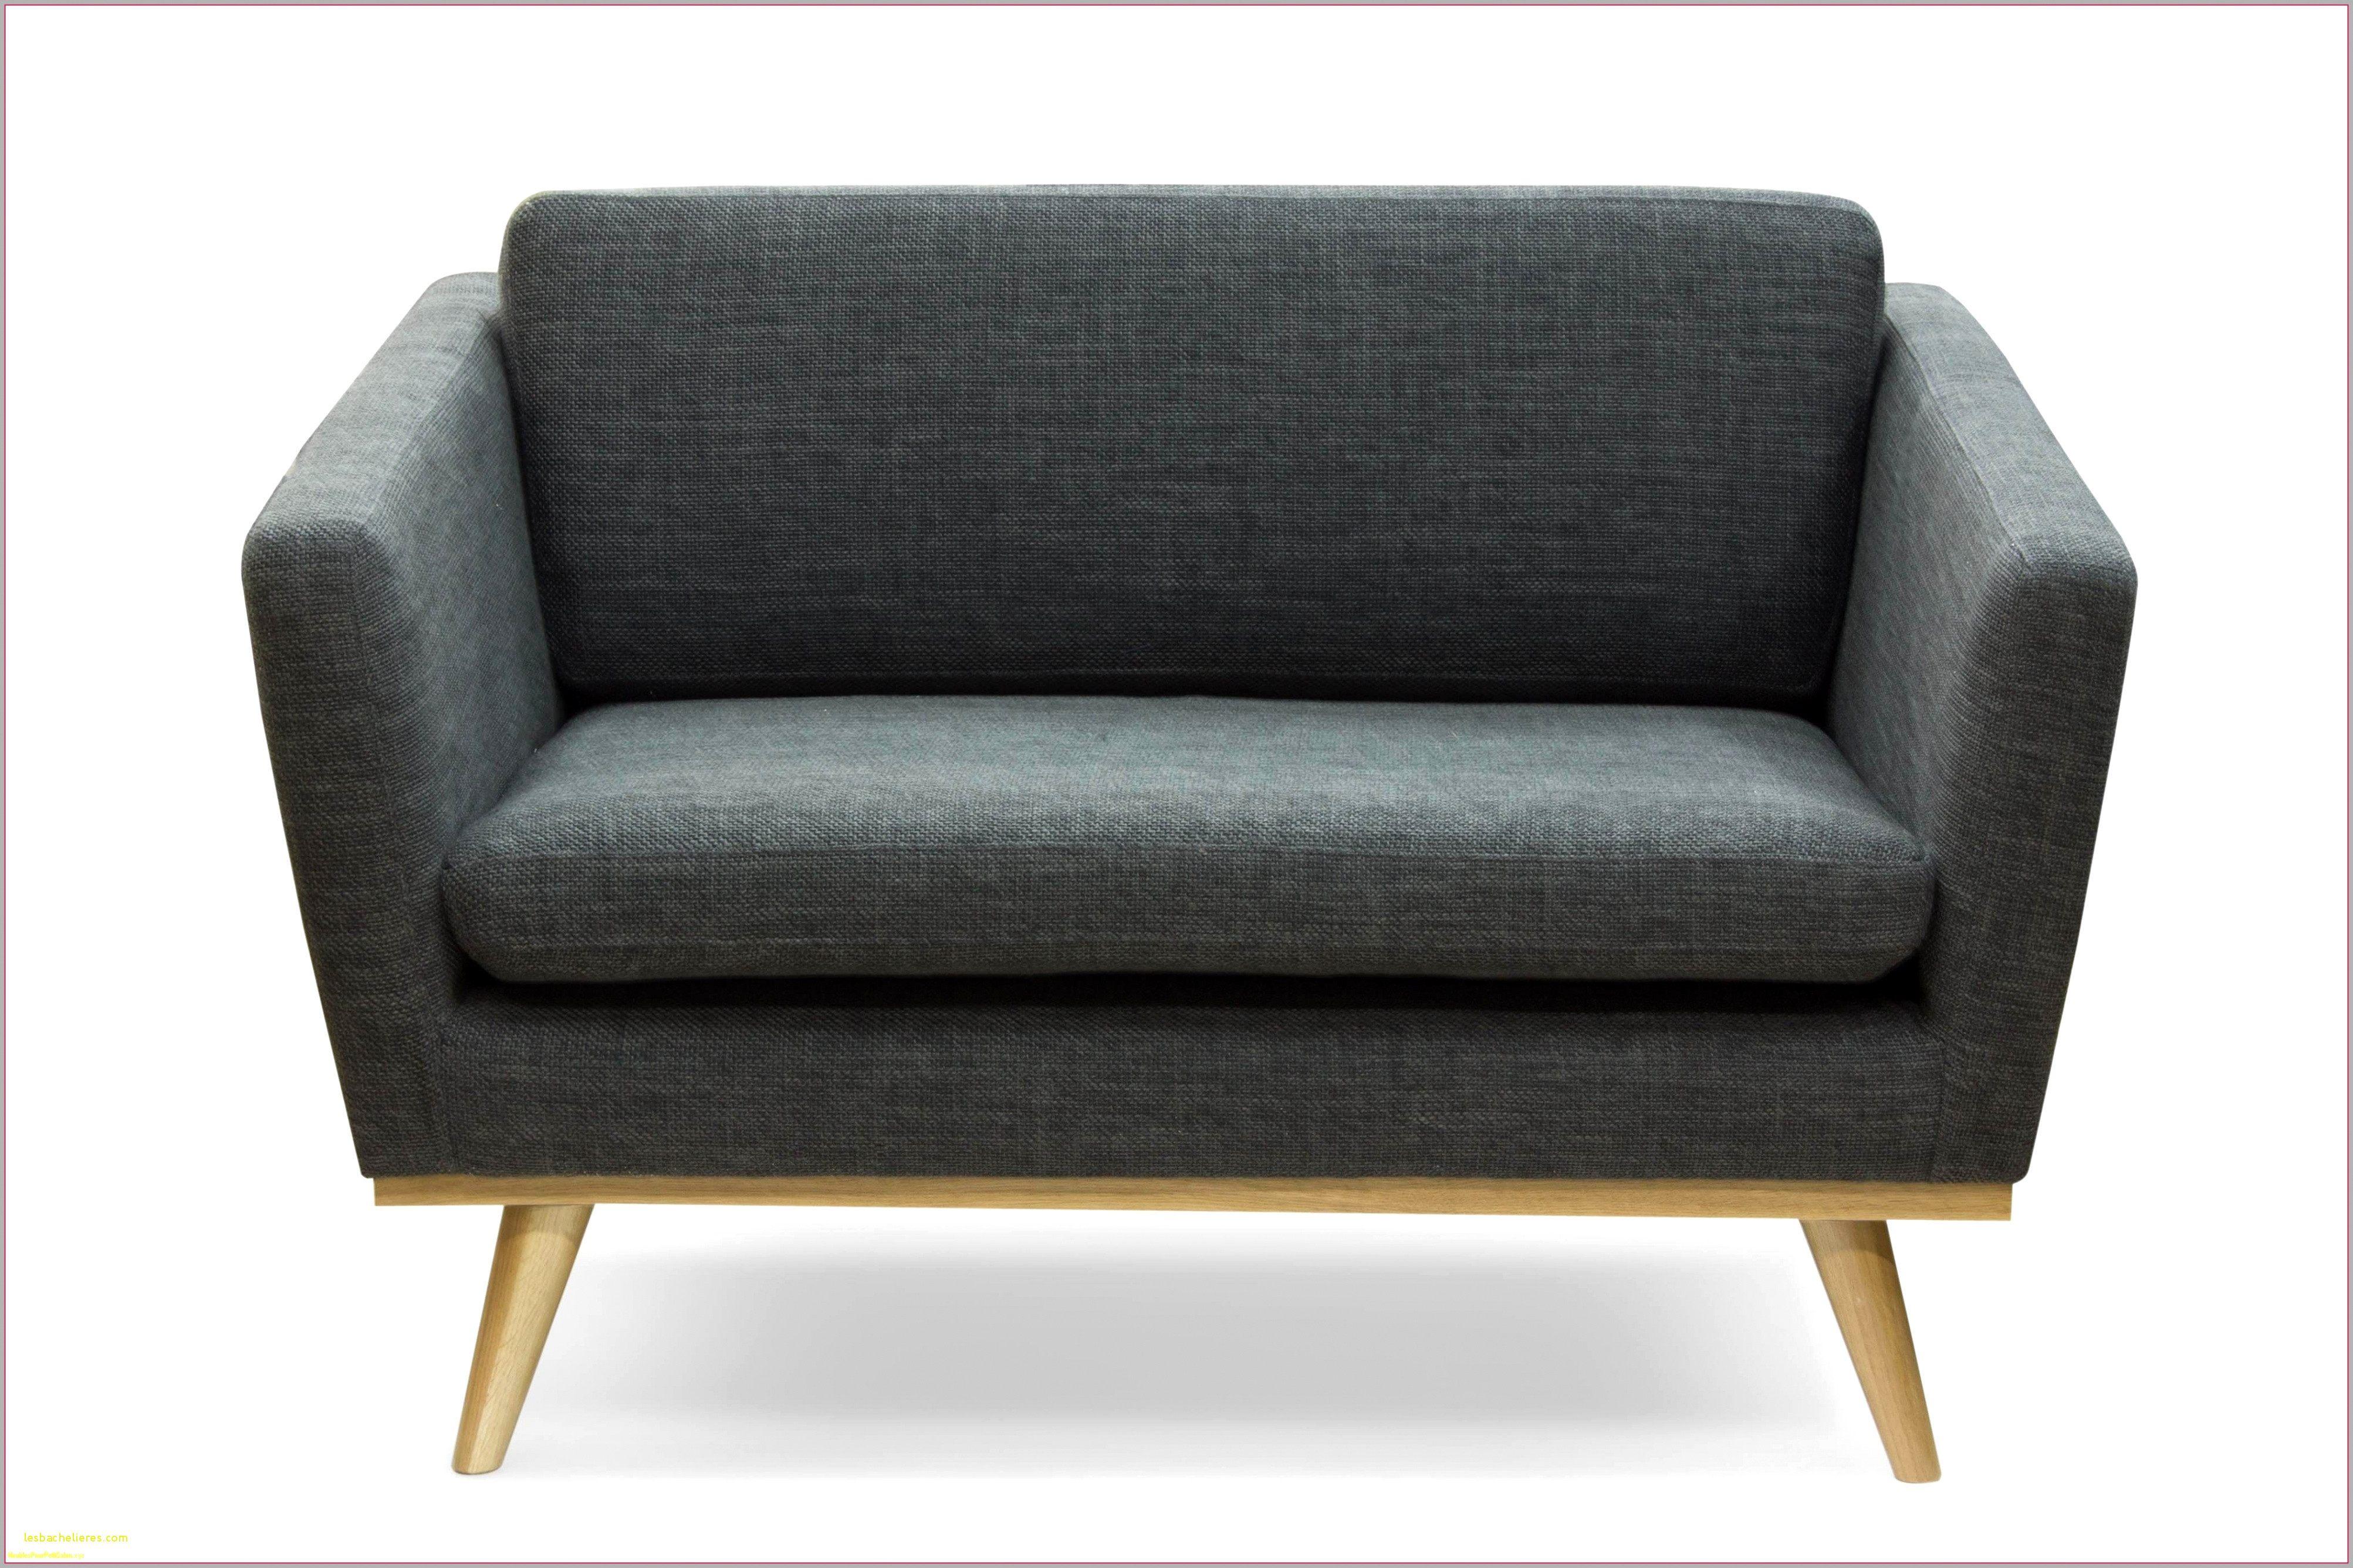 Lit Superposé 2 Personnes Génial Divin Lit Superposé Canapé Dans Canapé 15 Places